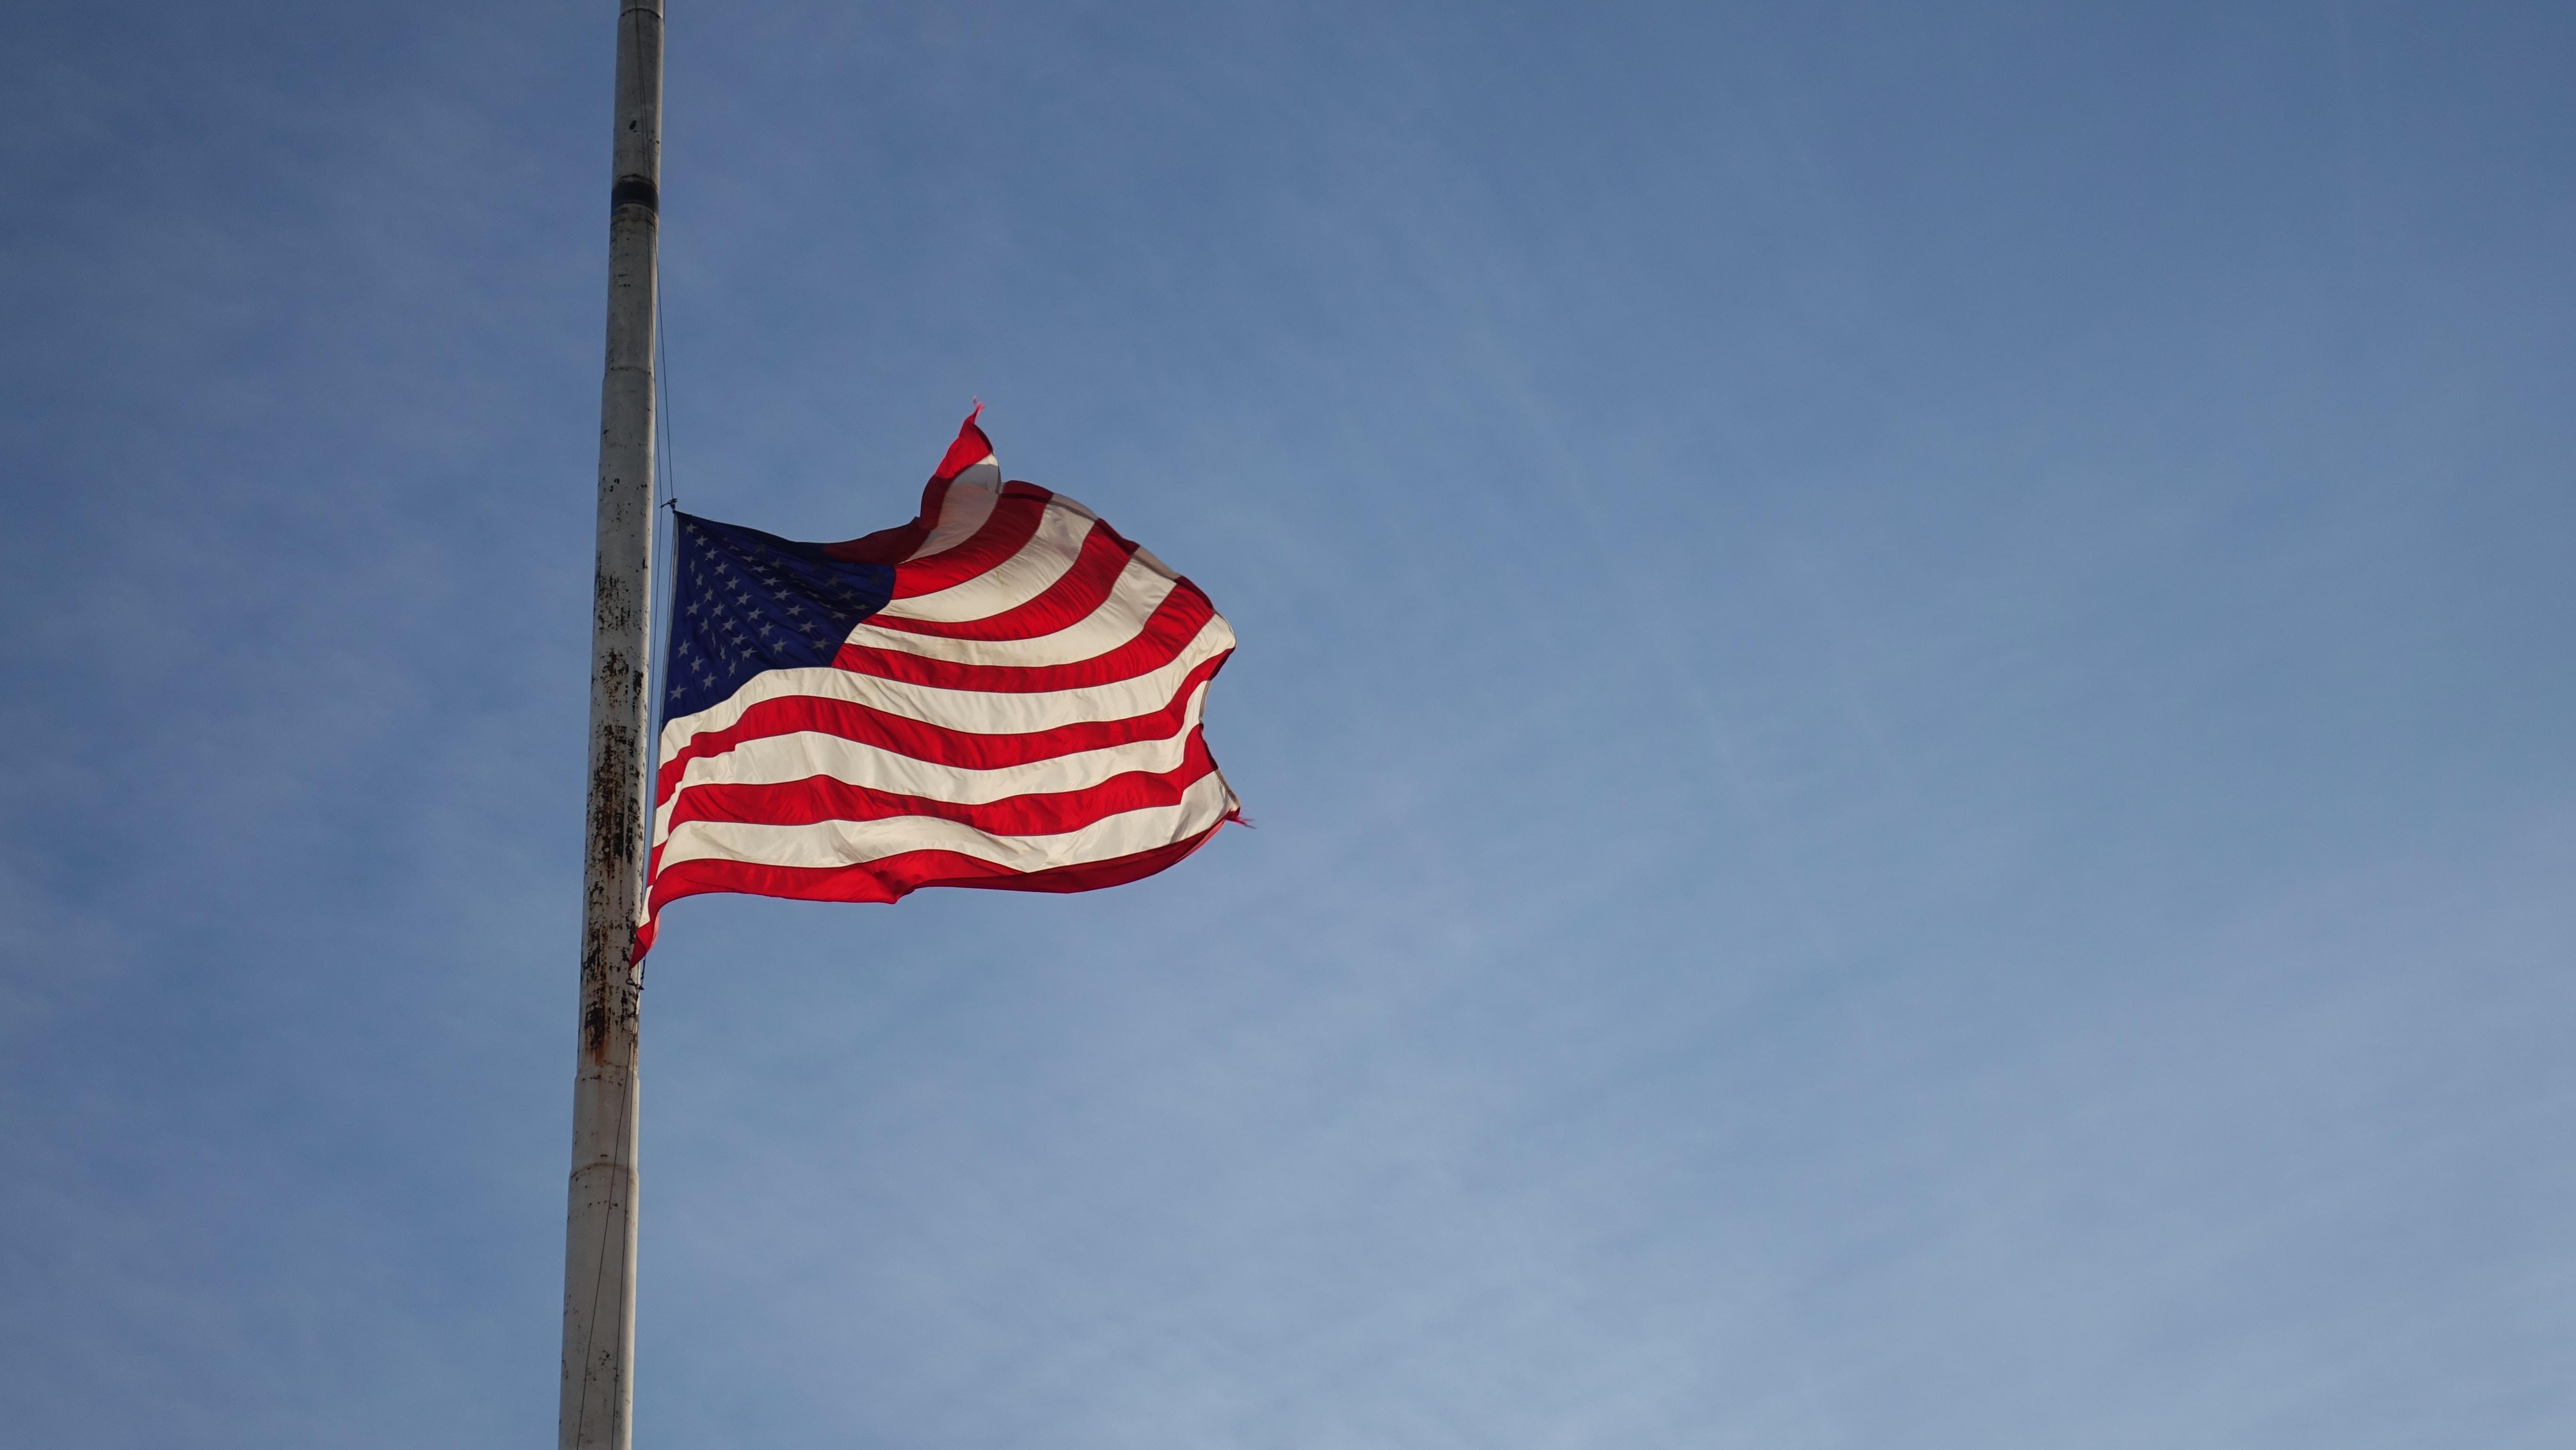 America flag on pole